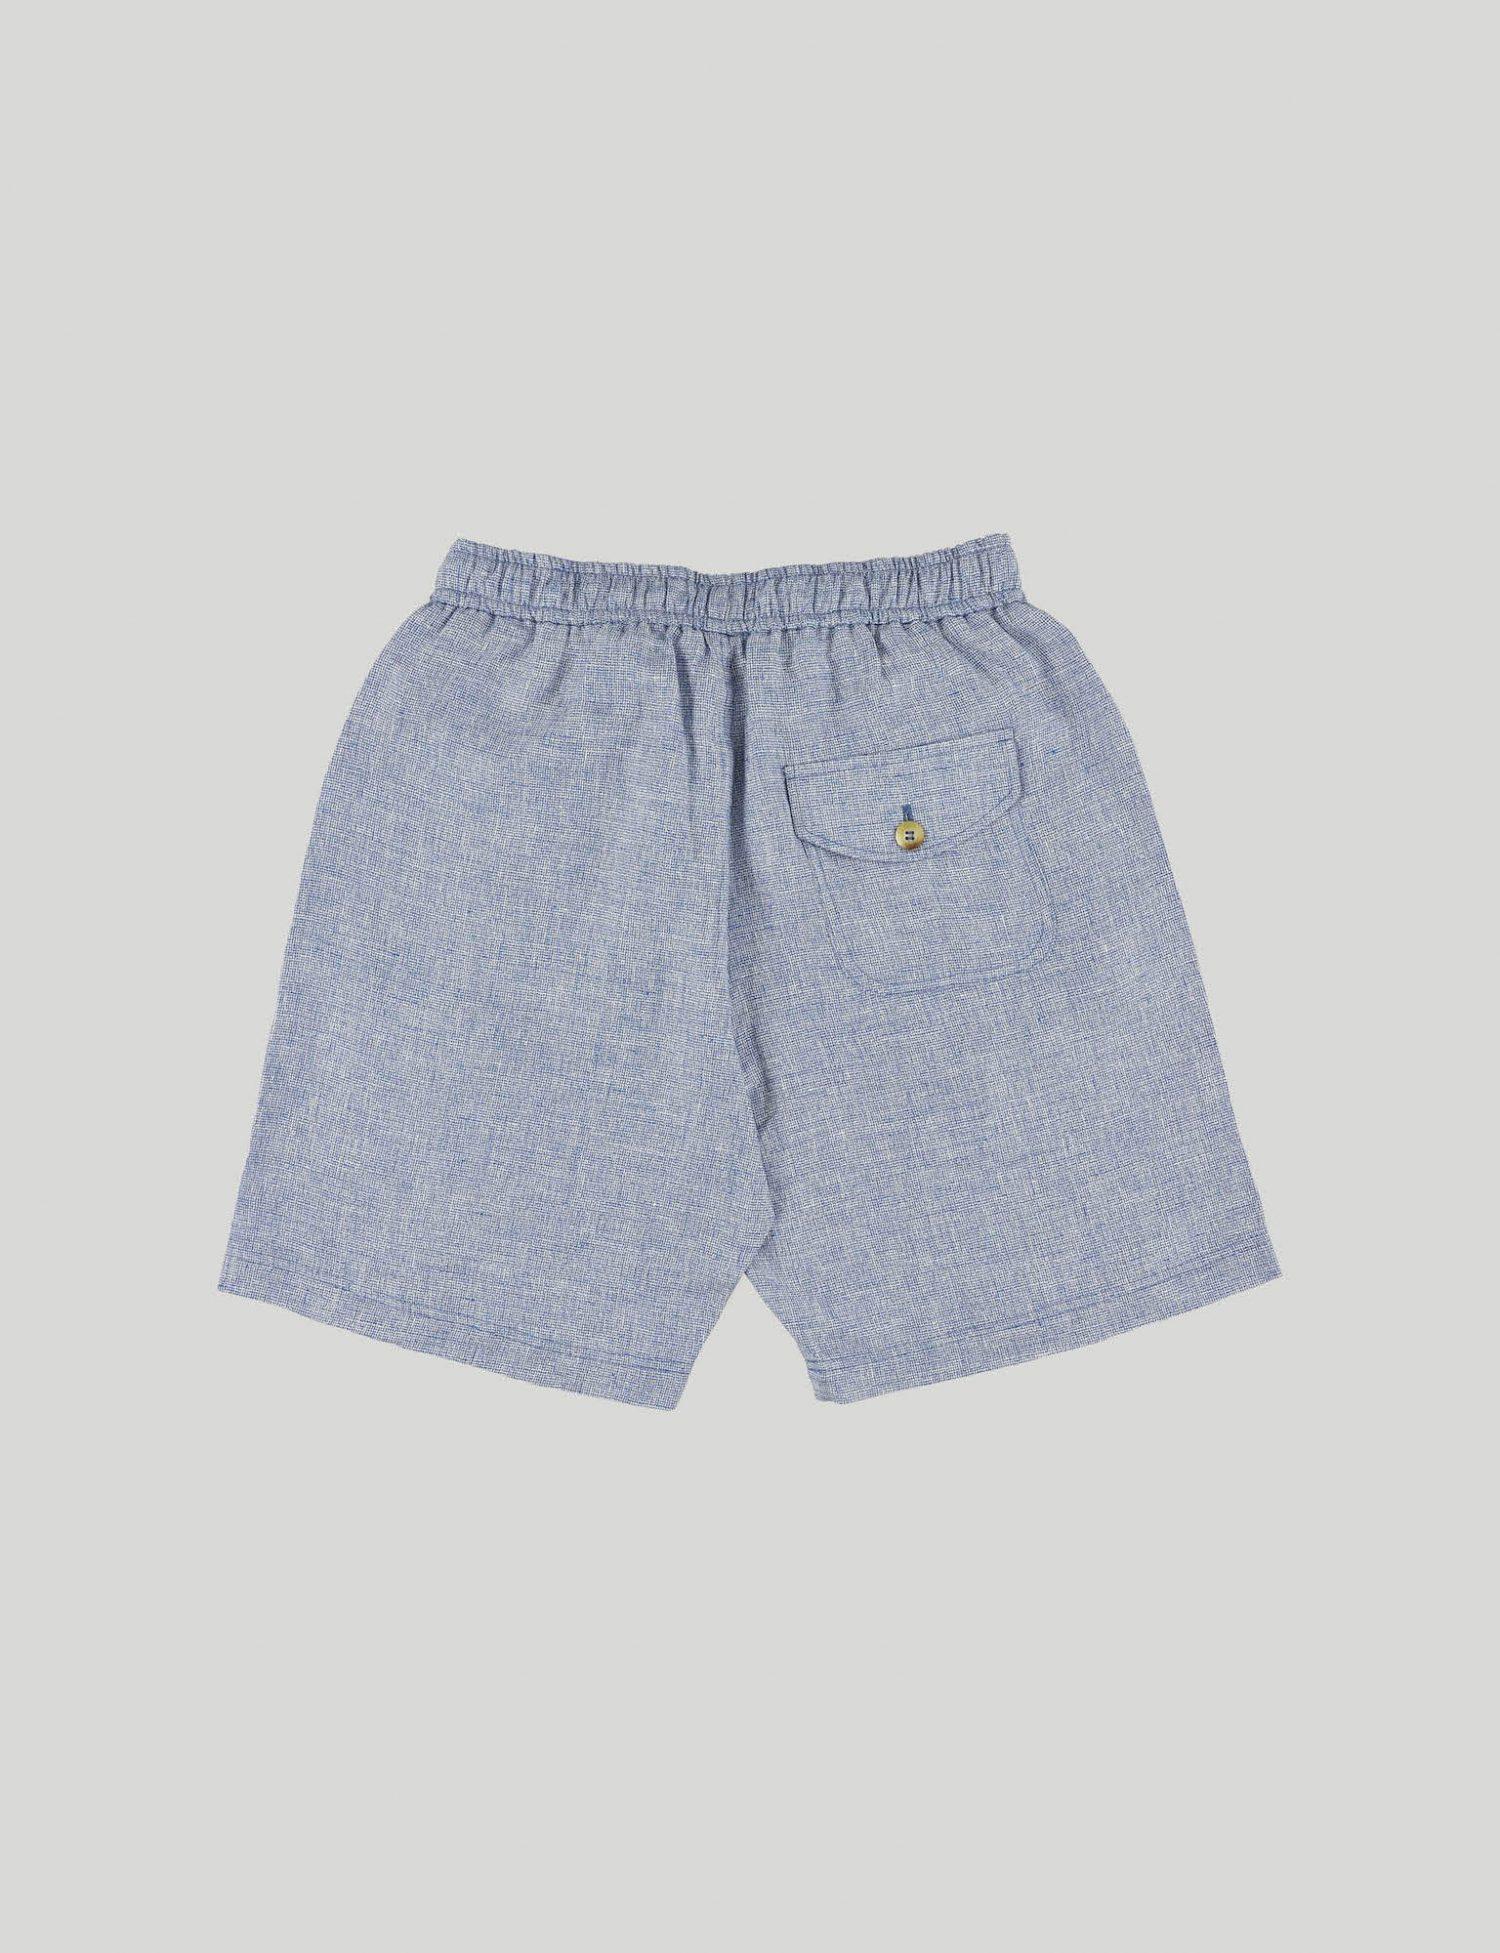 Castart - Devilshead shorts - Mid Blue